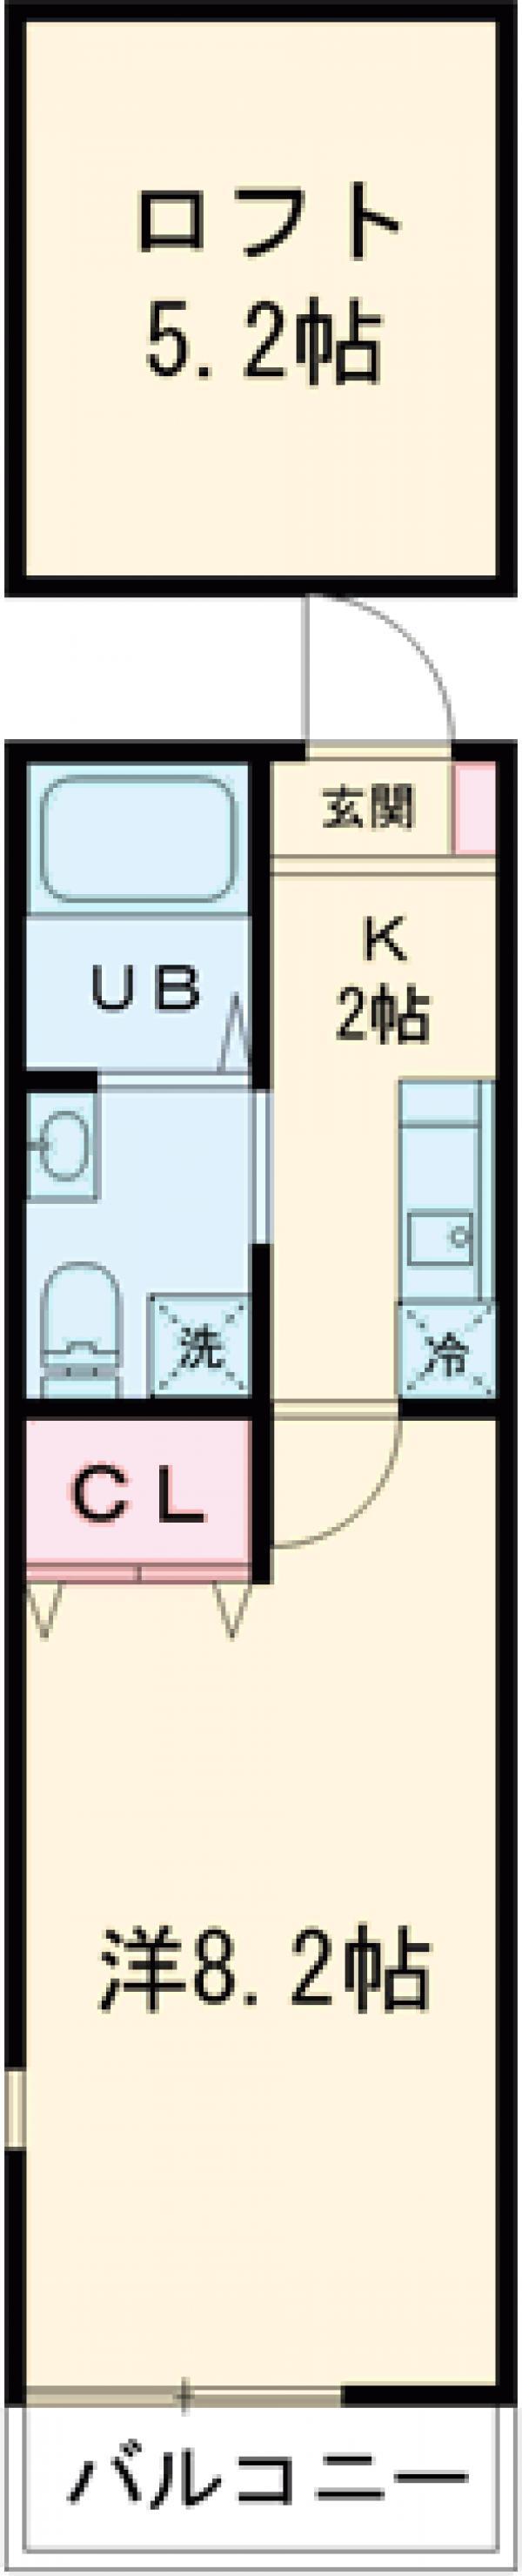 シエナ町田 304号室の間取り